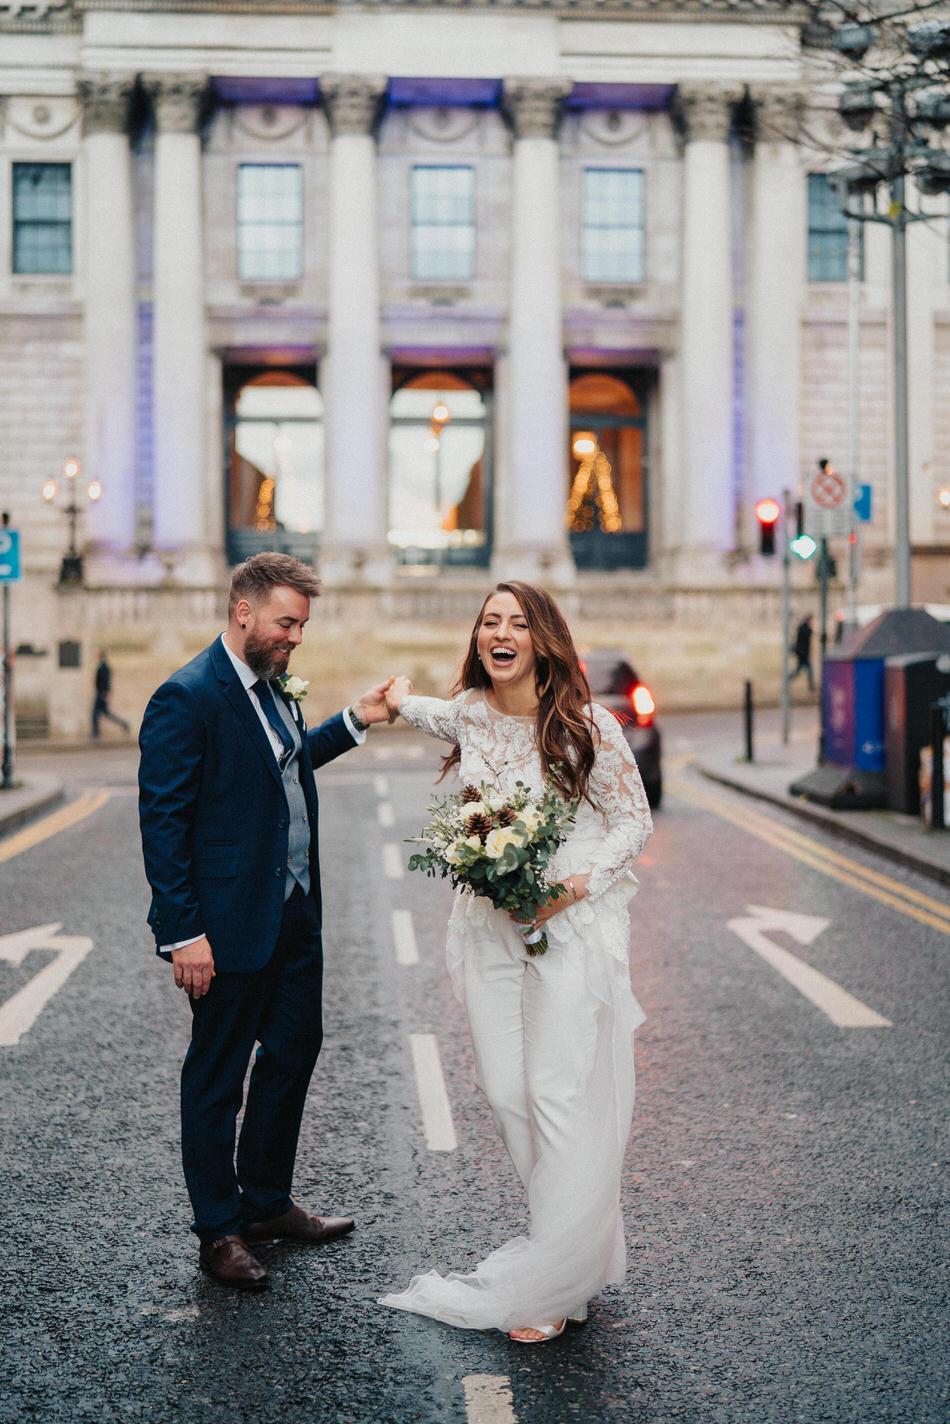 City-hall-dublin-wedding-photos-76 75